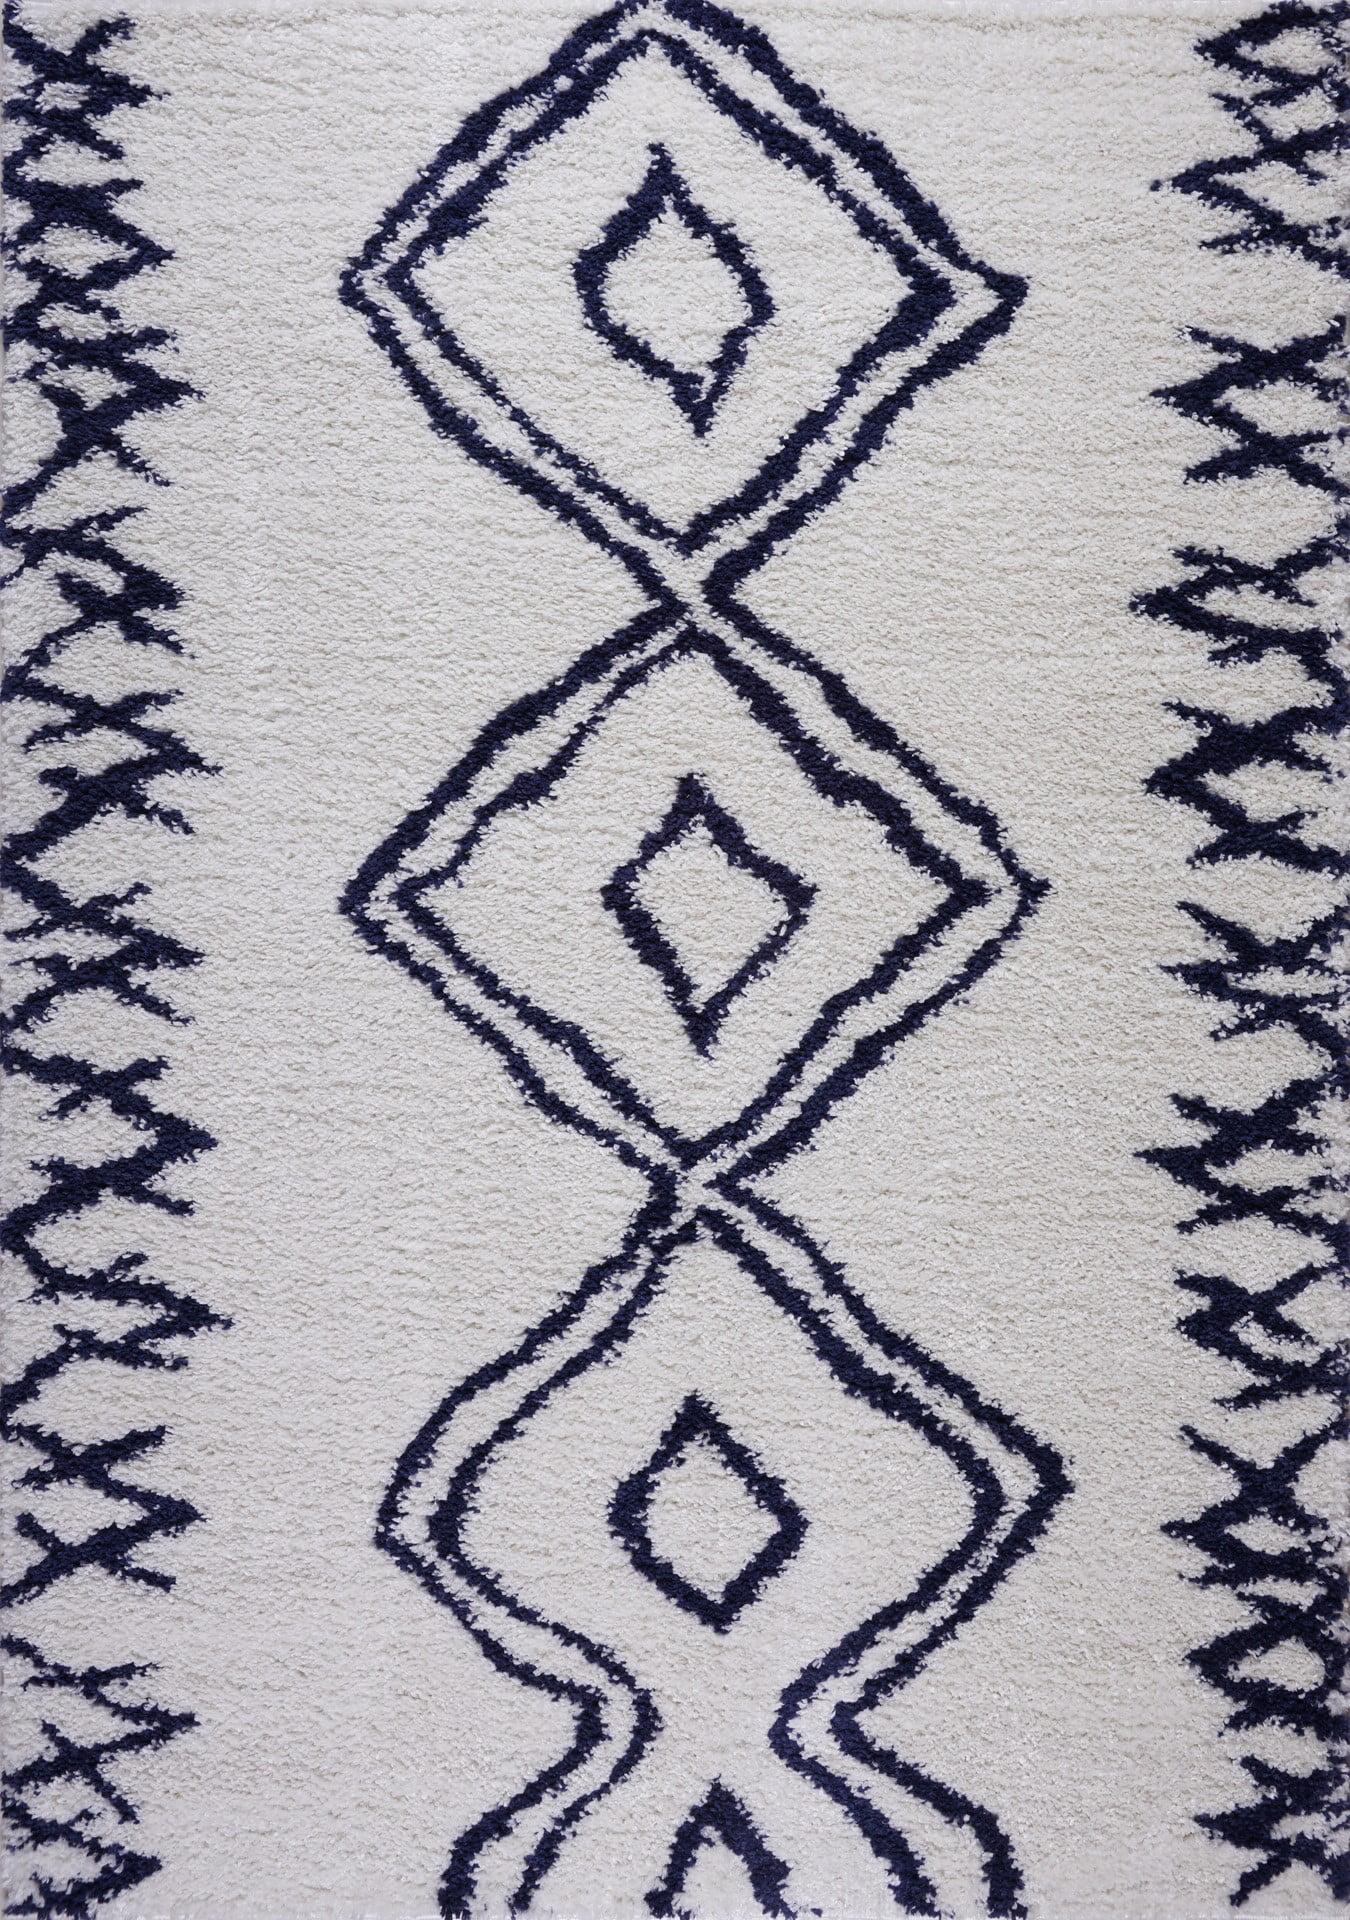 Ladole Rugs Shaggy Casablanca Contemporary Abstract Area